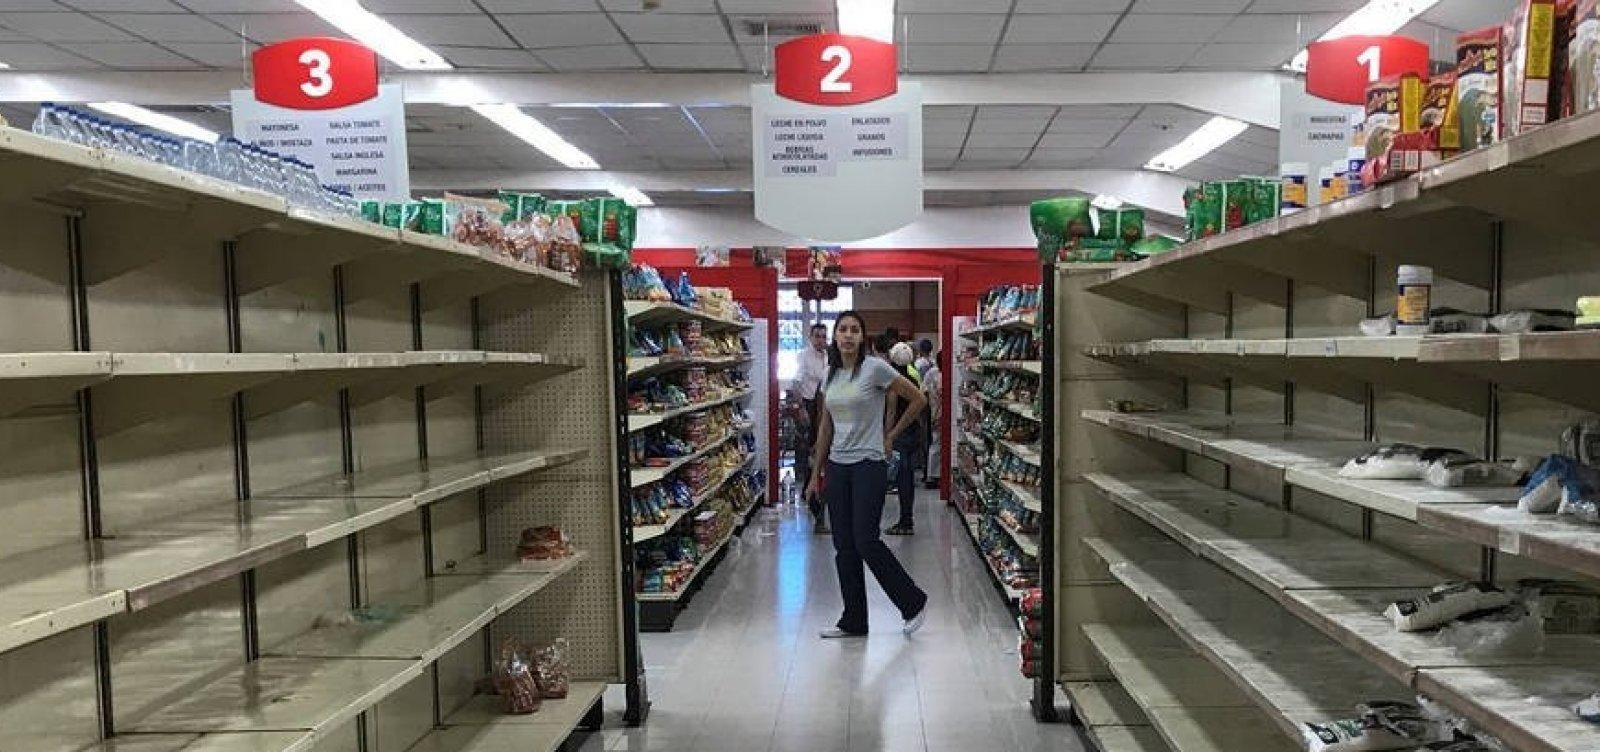 [Grupos criminosos recrutam crianças venezuelanas em troca de comida]